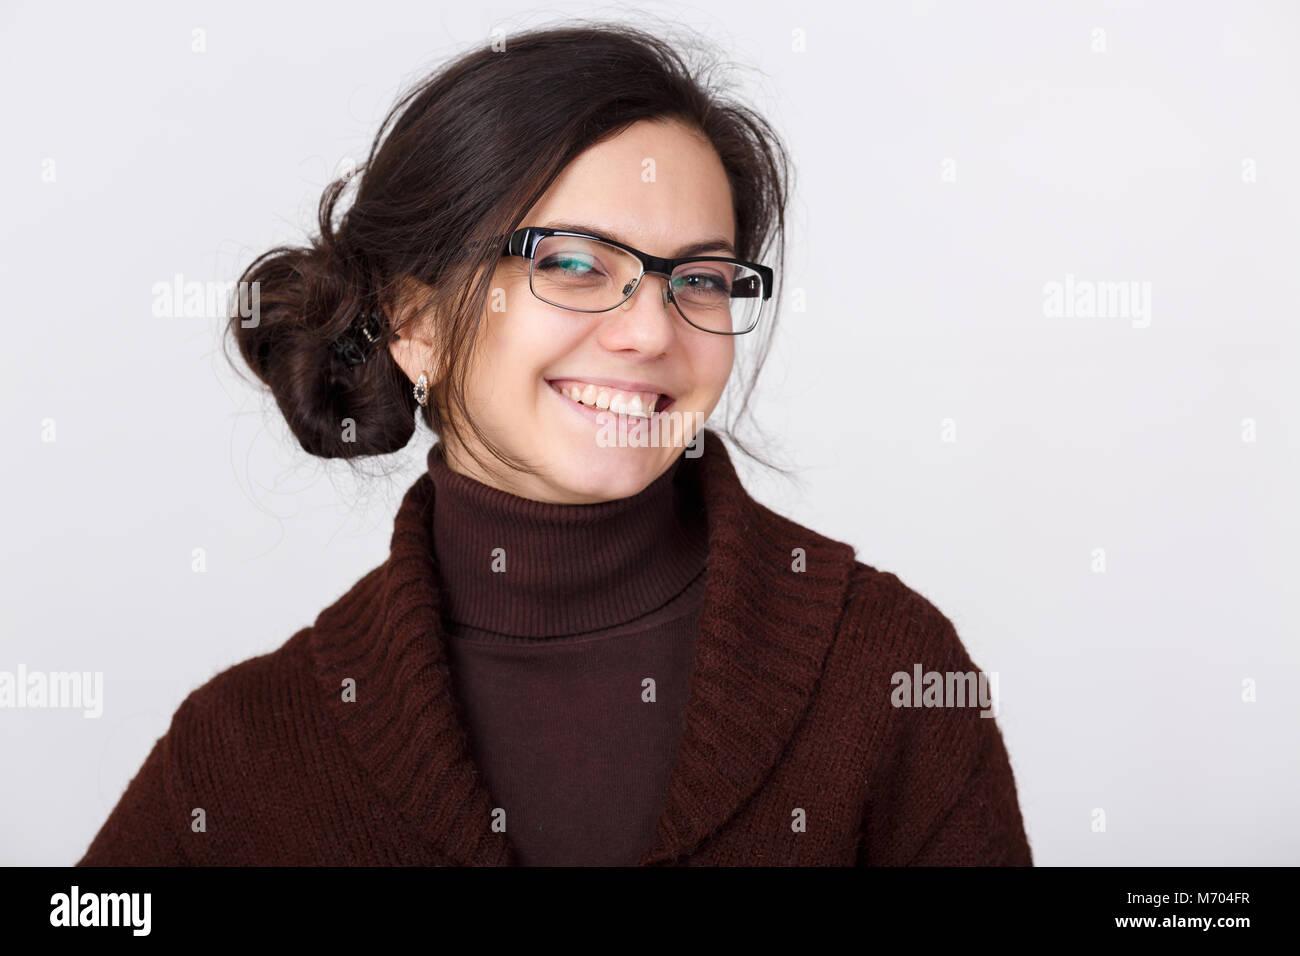 Sorridente giovane donna con gli occhiali Immagini Stock